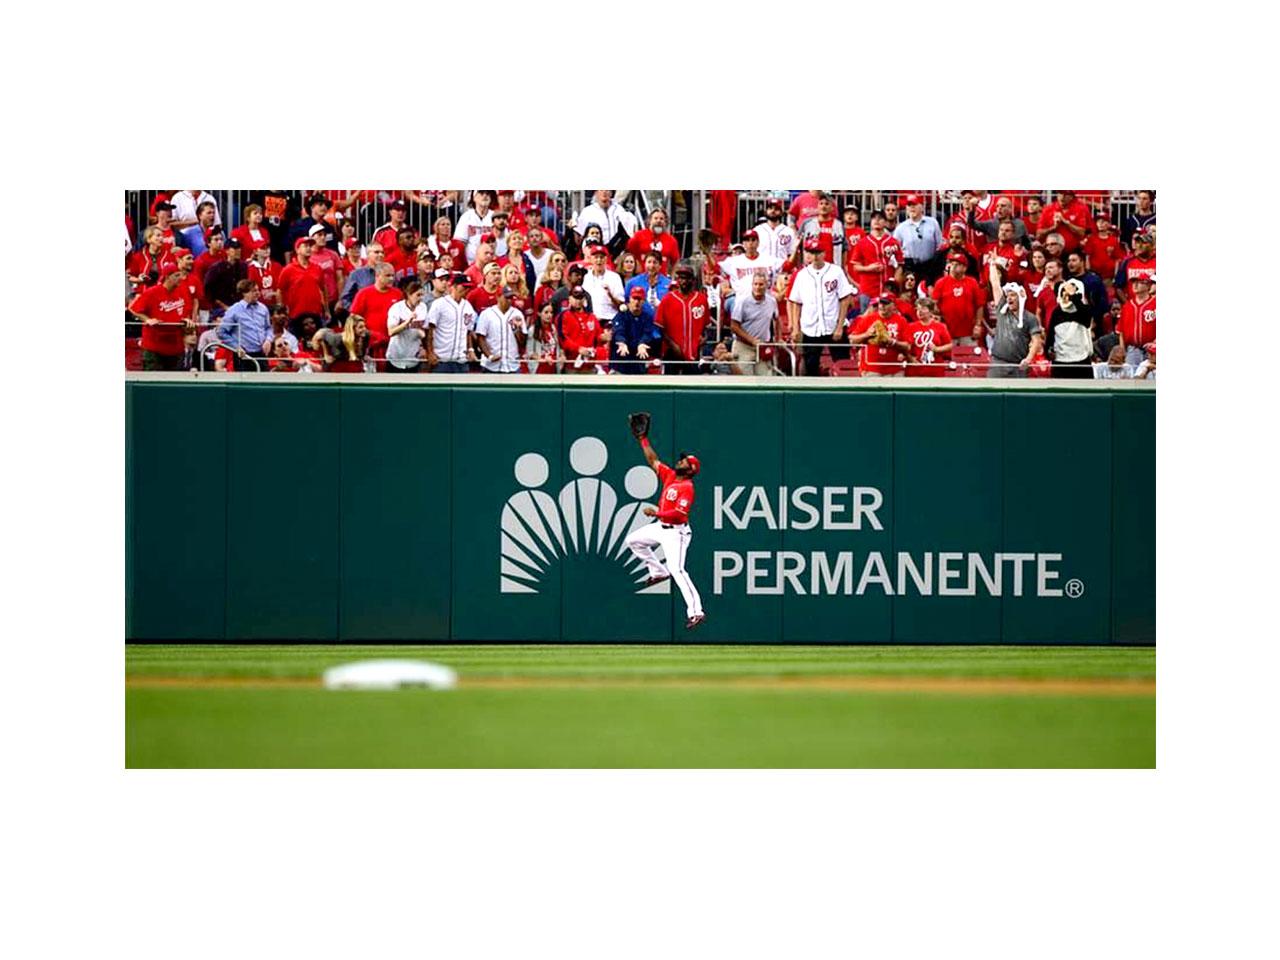 ballpark sponsorship